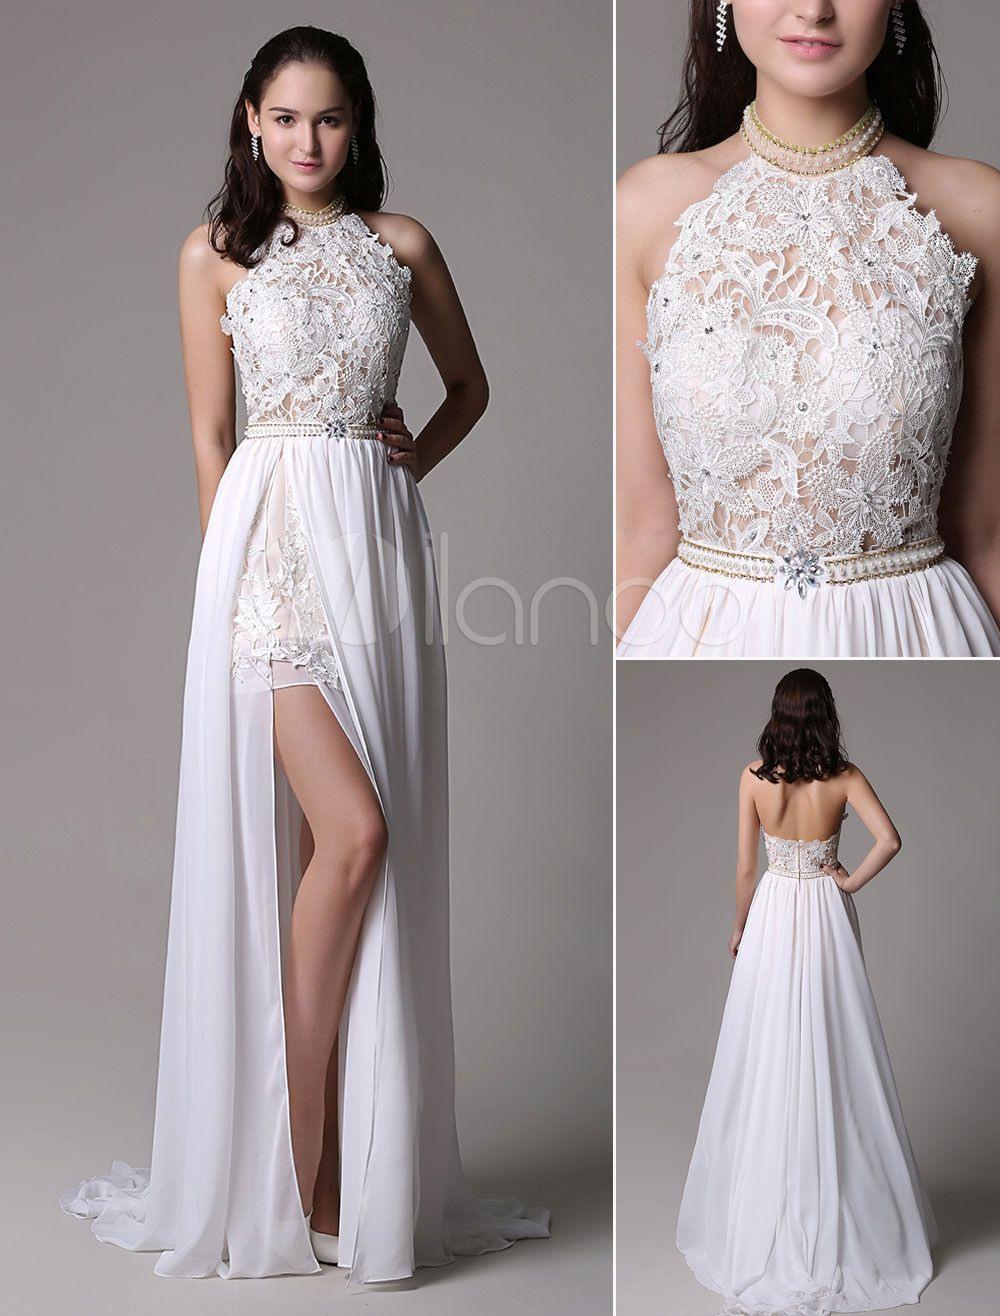 10 Schön Langes Abendkleid Weiß SpezialgebietAbend Schön Langes Abendkleid Weiß Stylish